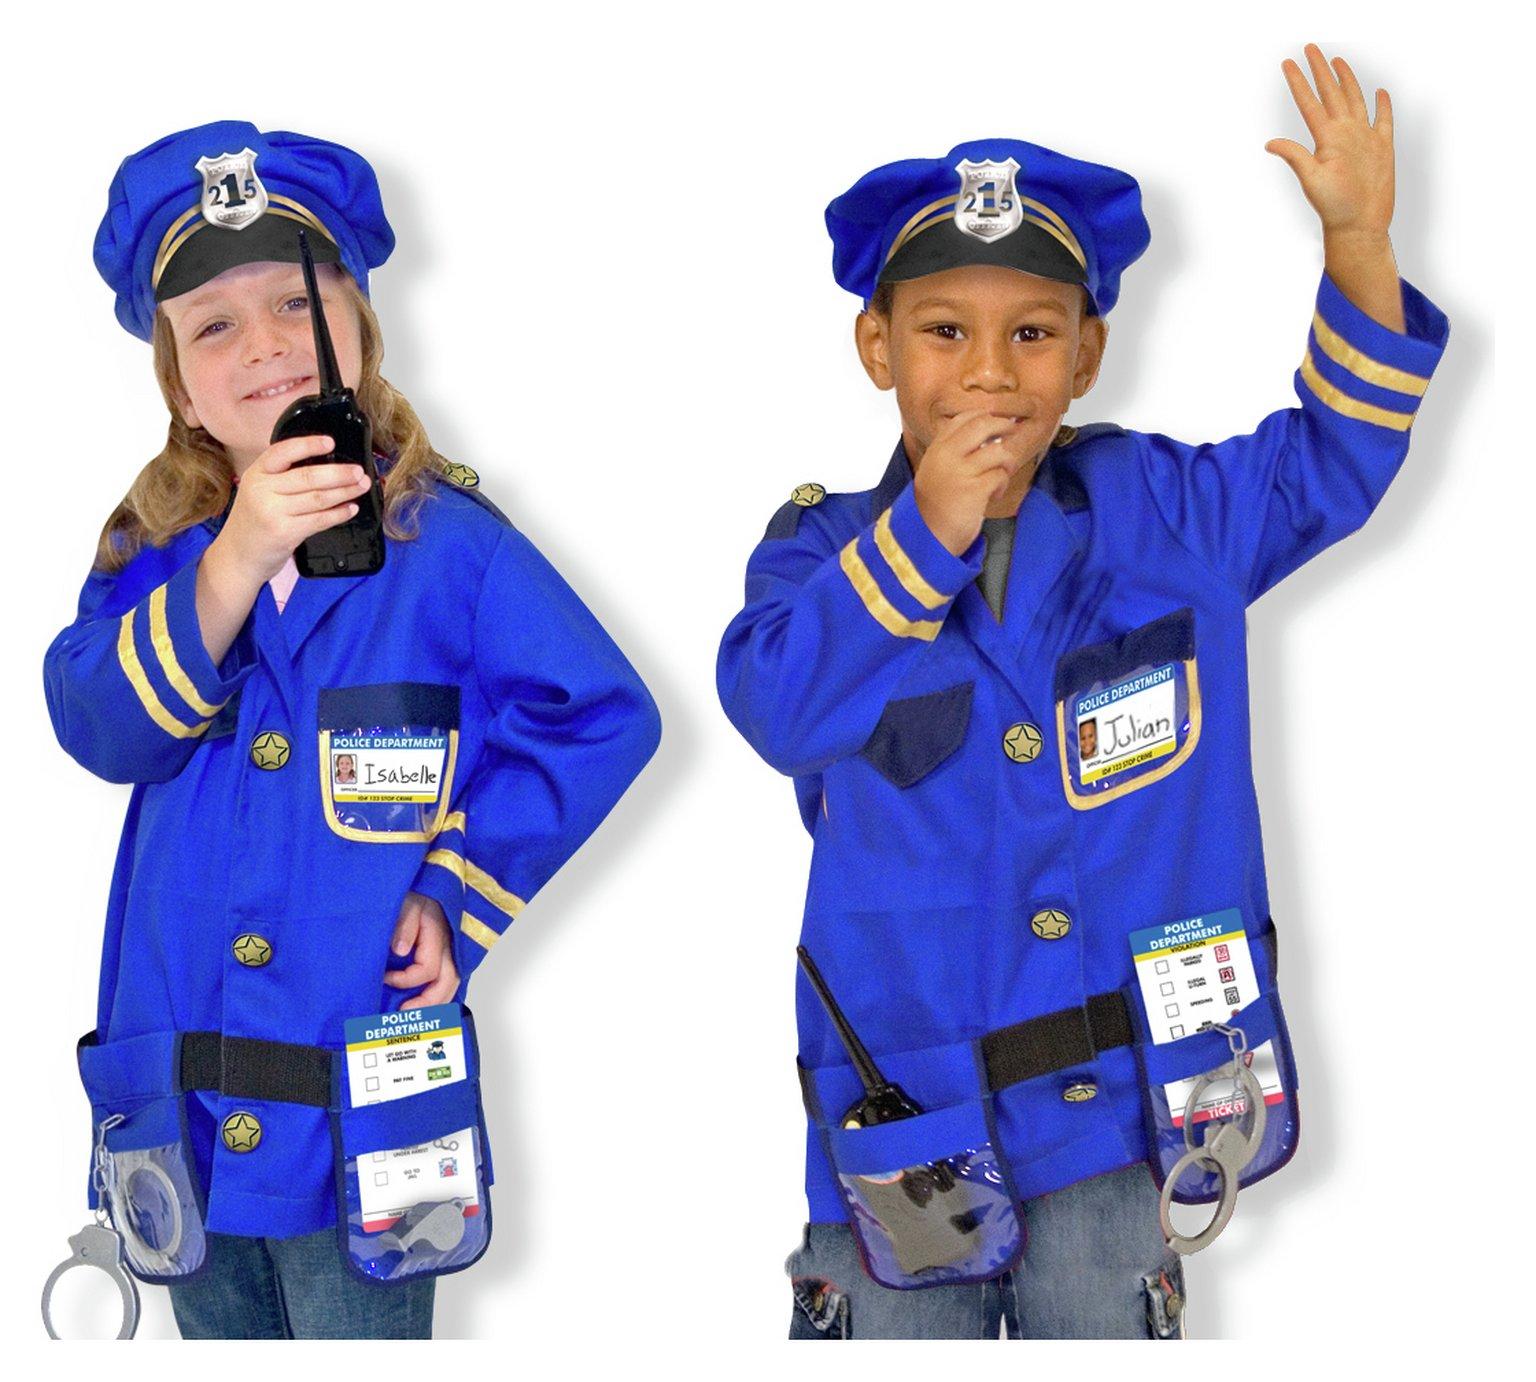 Маскарадный костюм «Полицейский» от Melissa & Doug, 4835 ... - photo#35